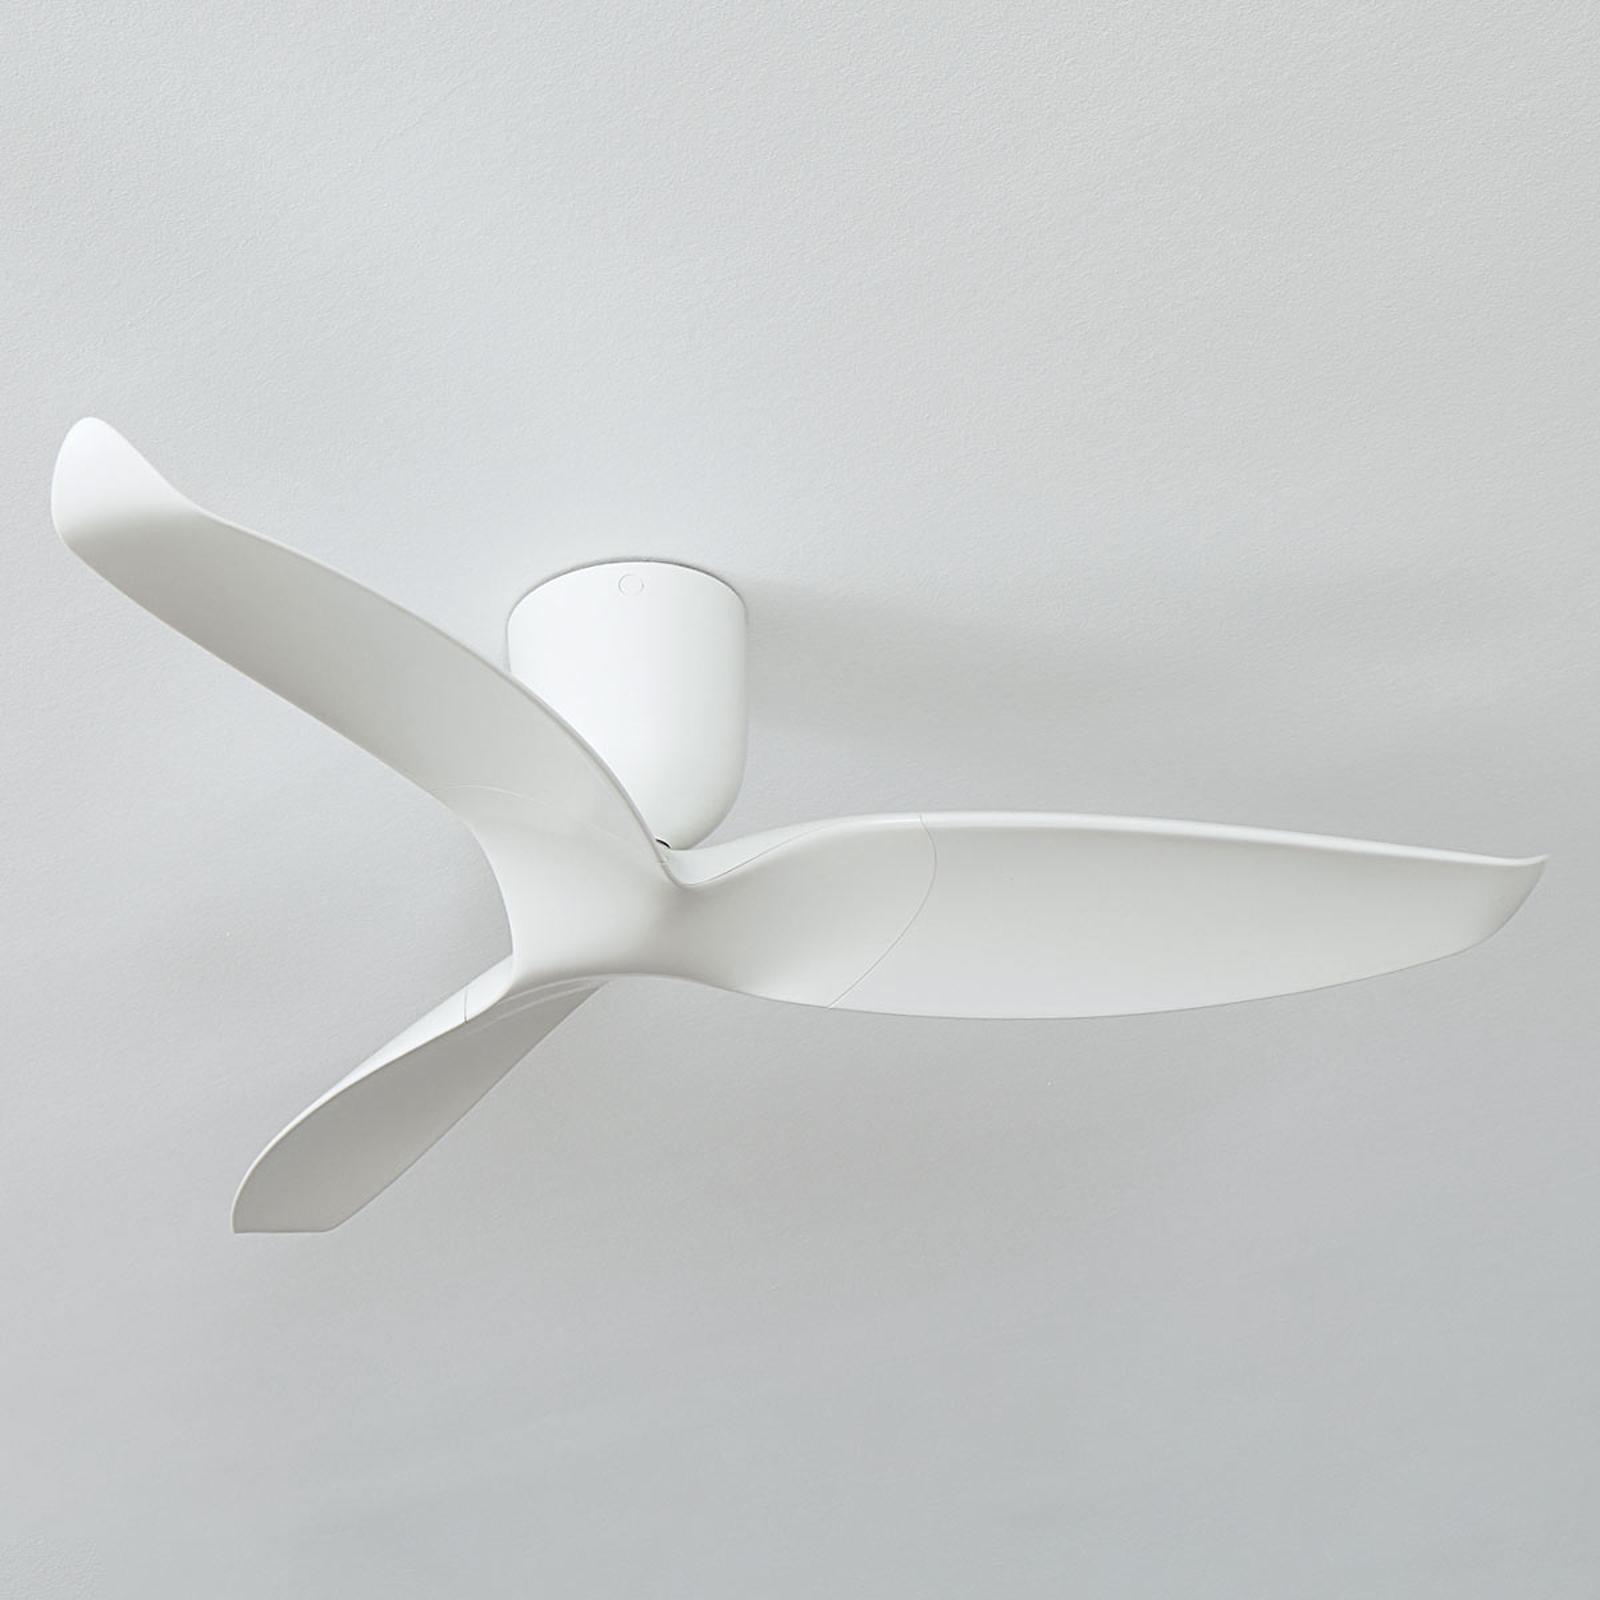 Aeratron ventilador de techo AE3+, 126 cm, blanco